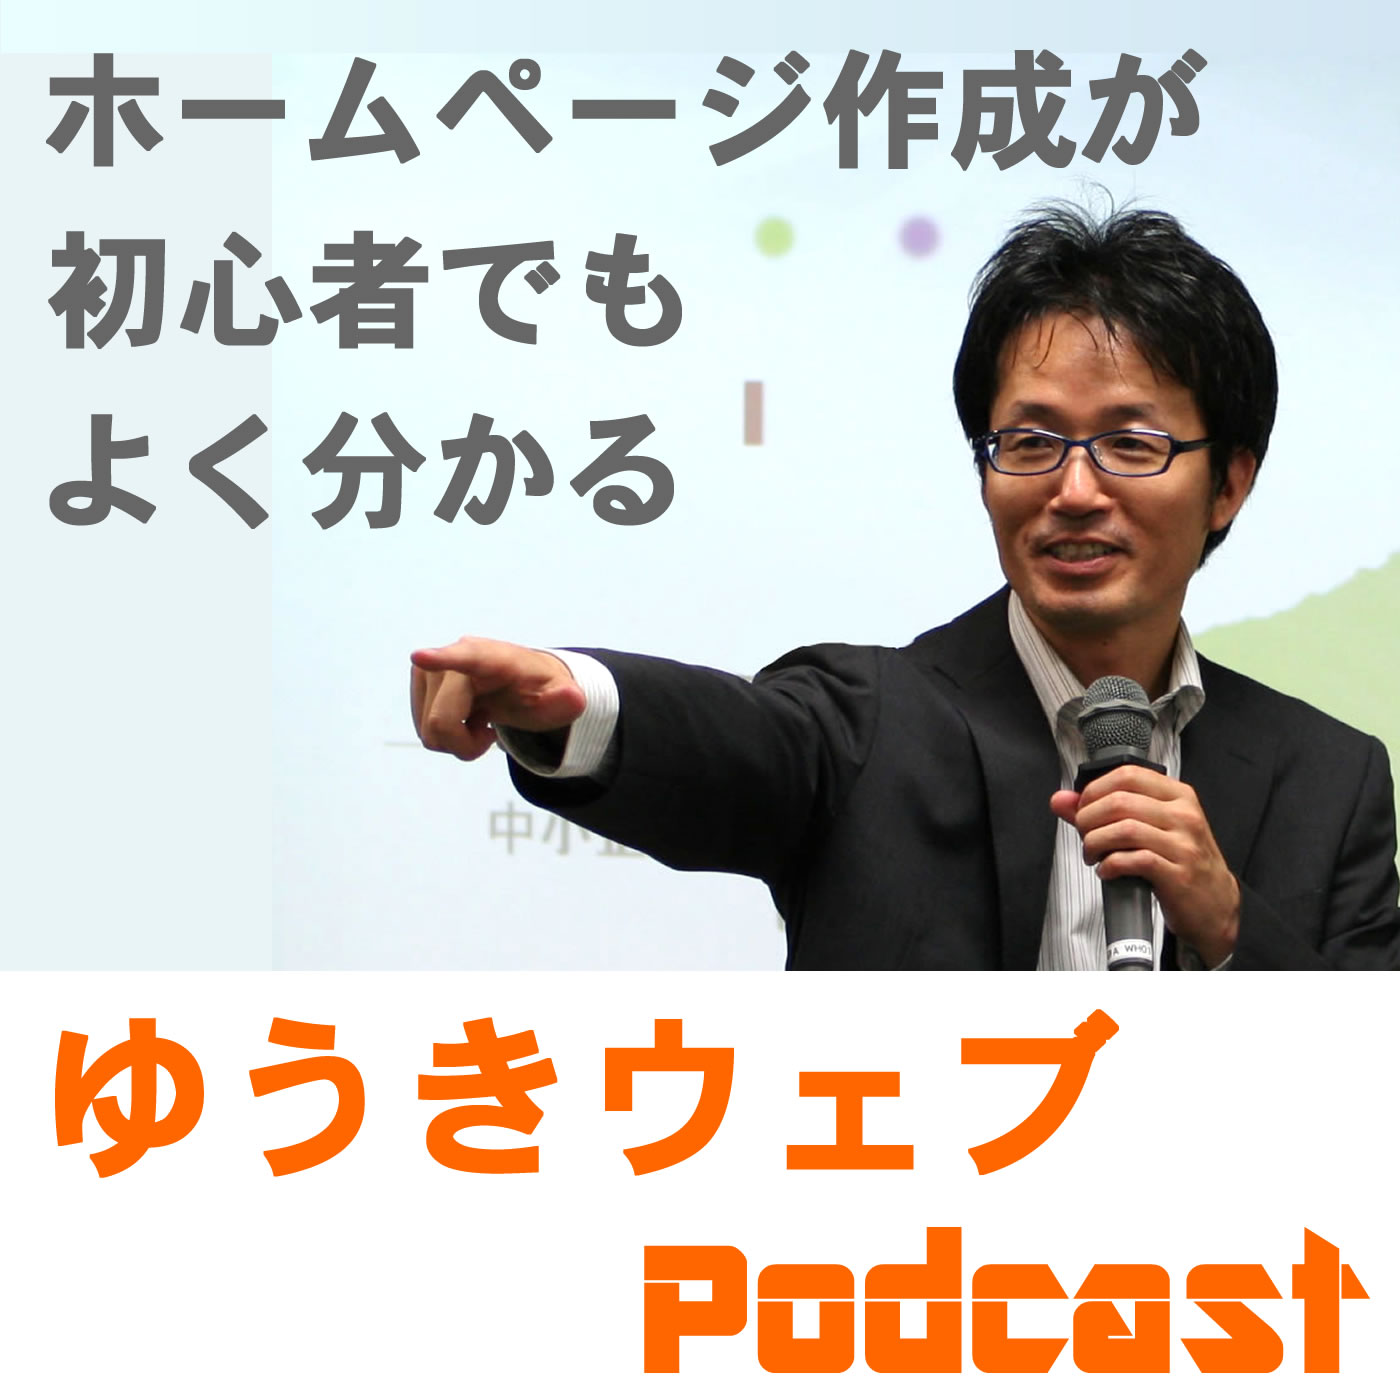 ゆうきウェブPodcast